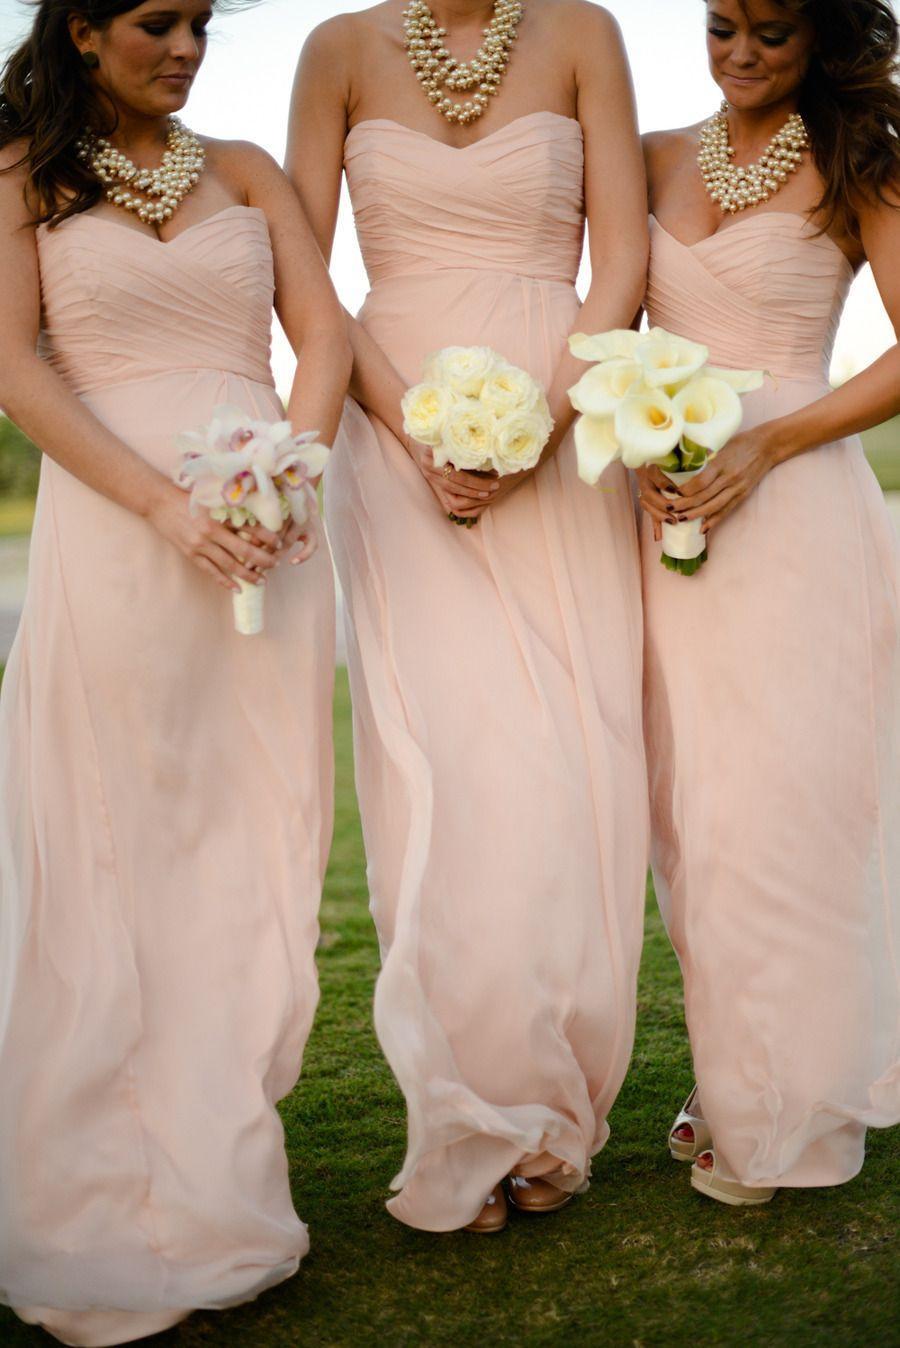 Peaches geldof wedding dress  Stephany Miller smiller on Pinterest